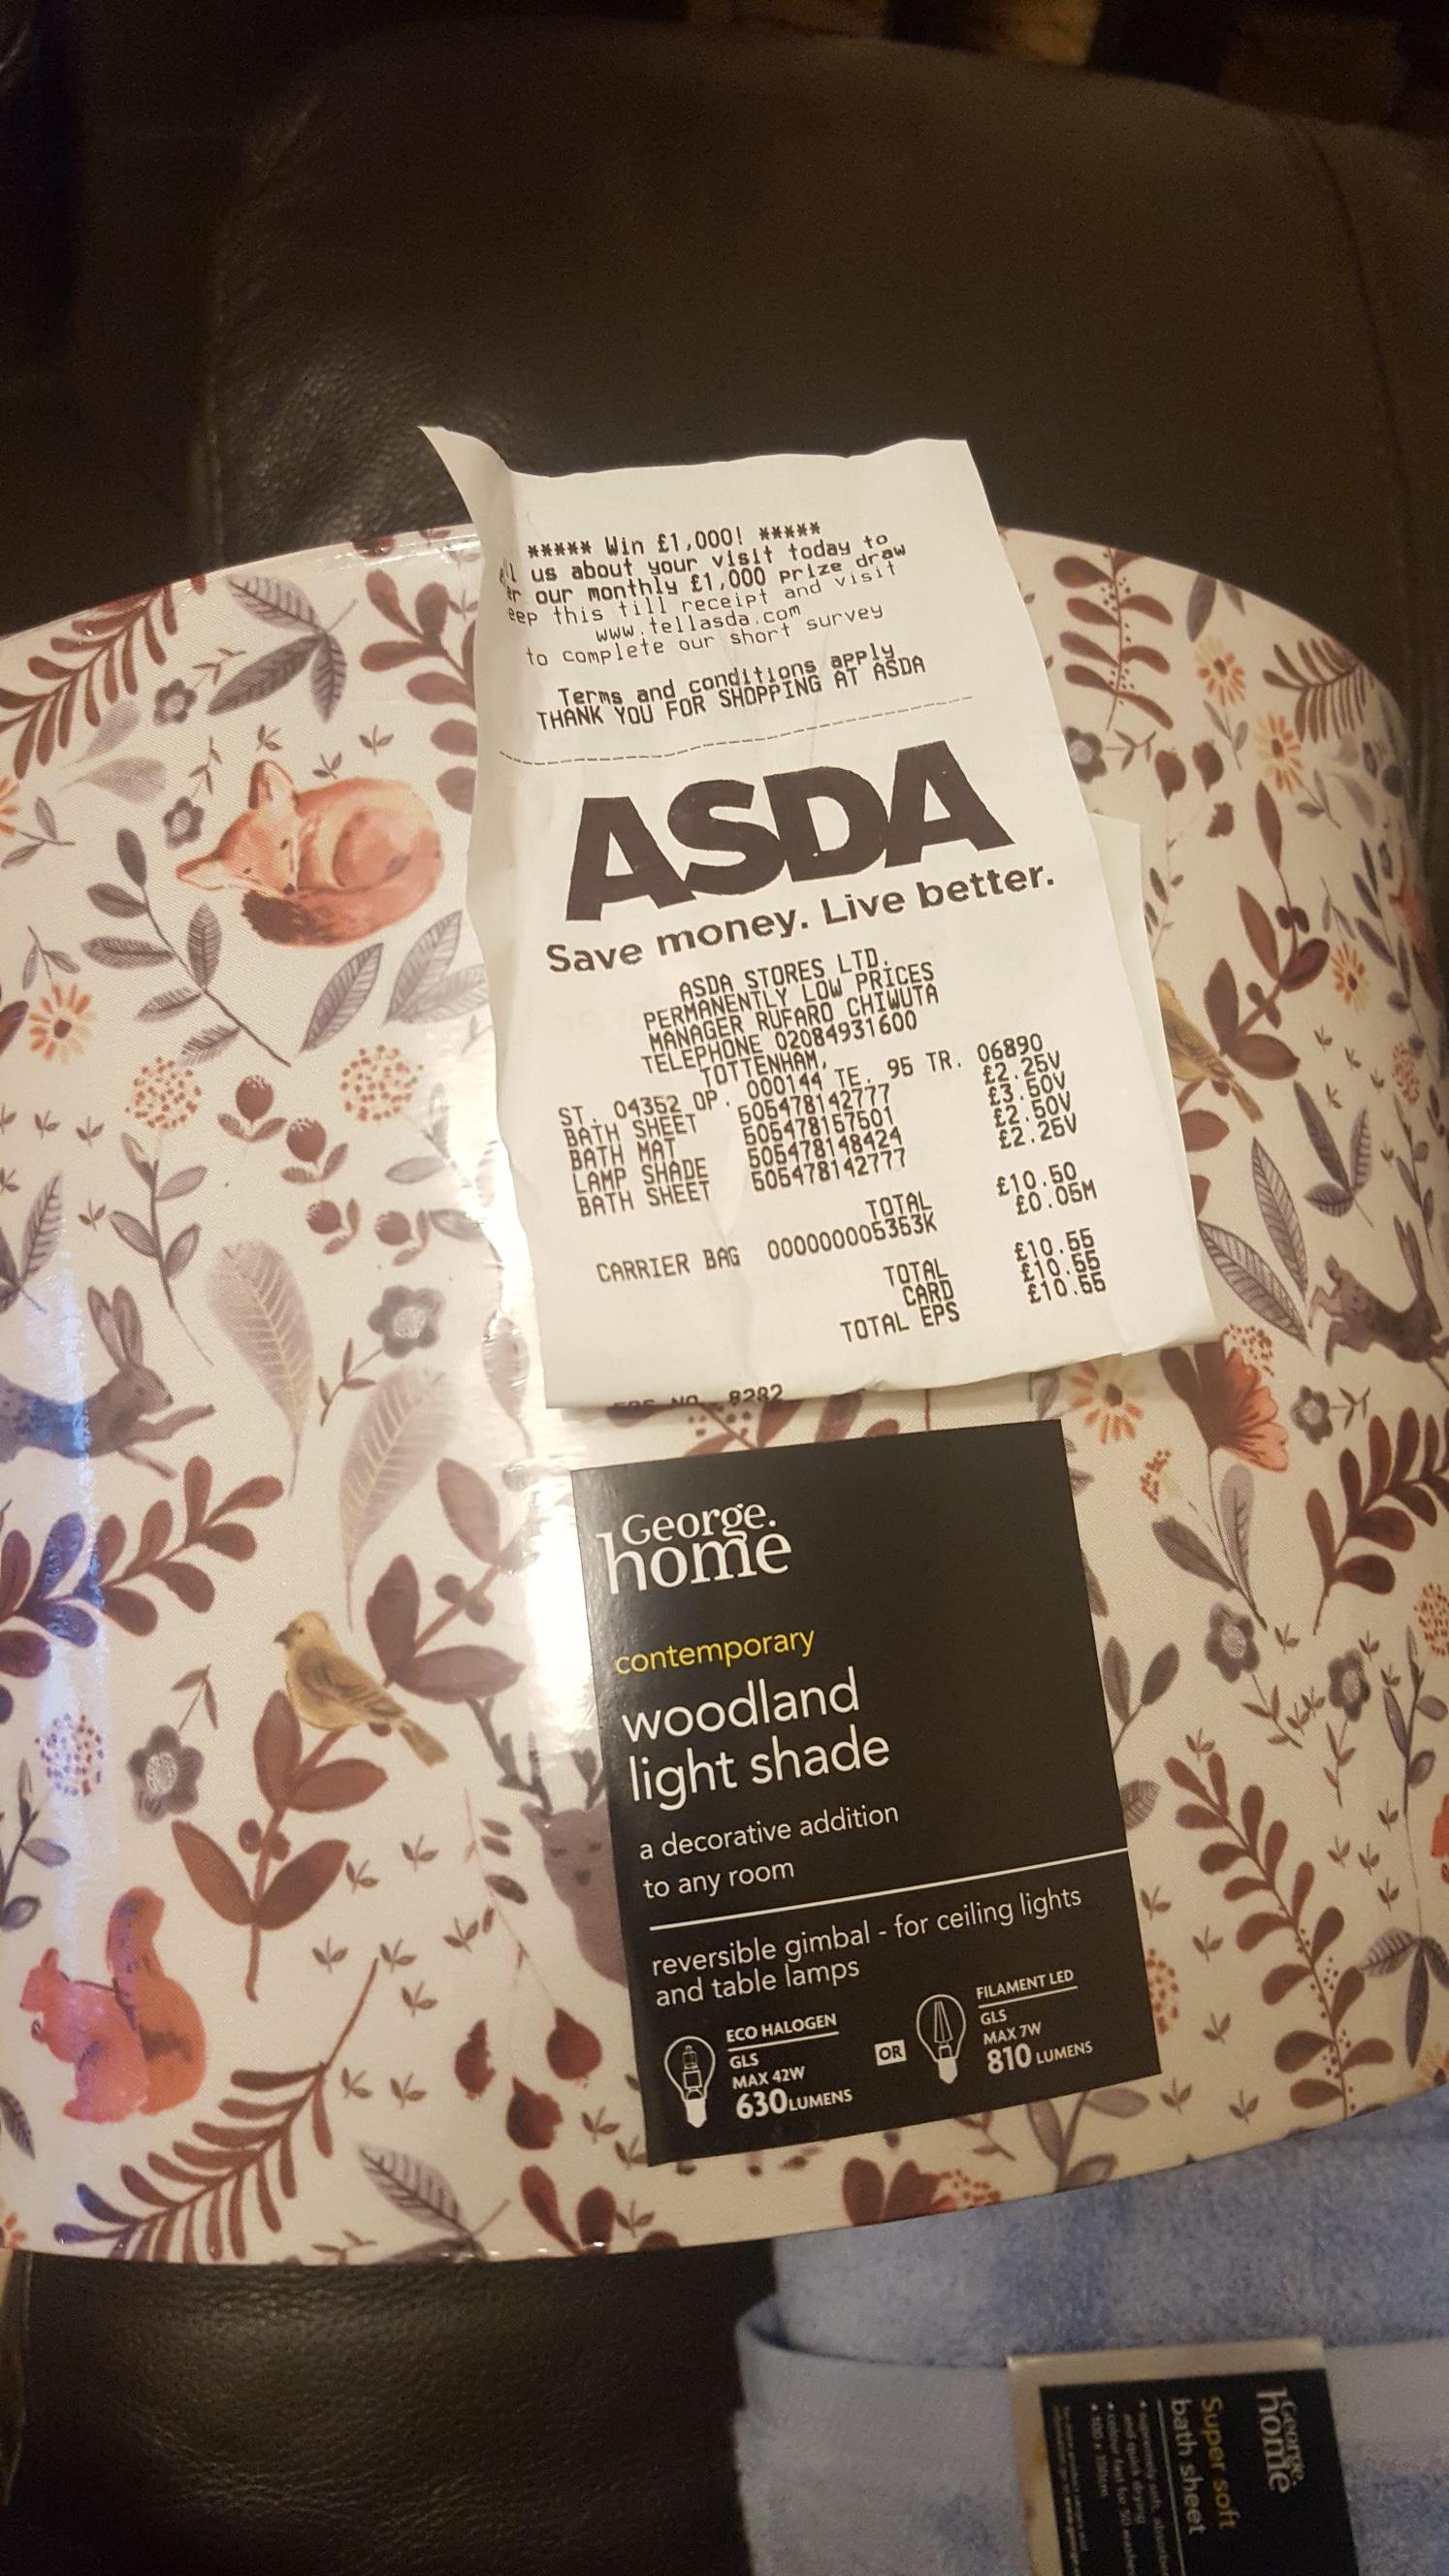 Asda Tottenham Woodland Light shade £2.50 from £10.00